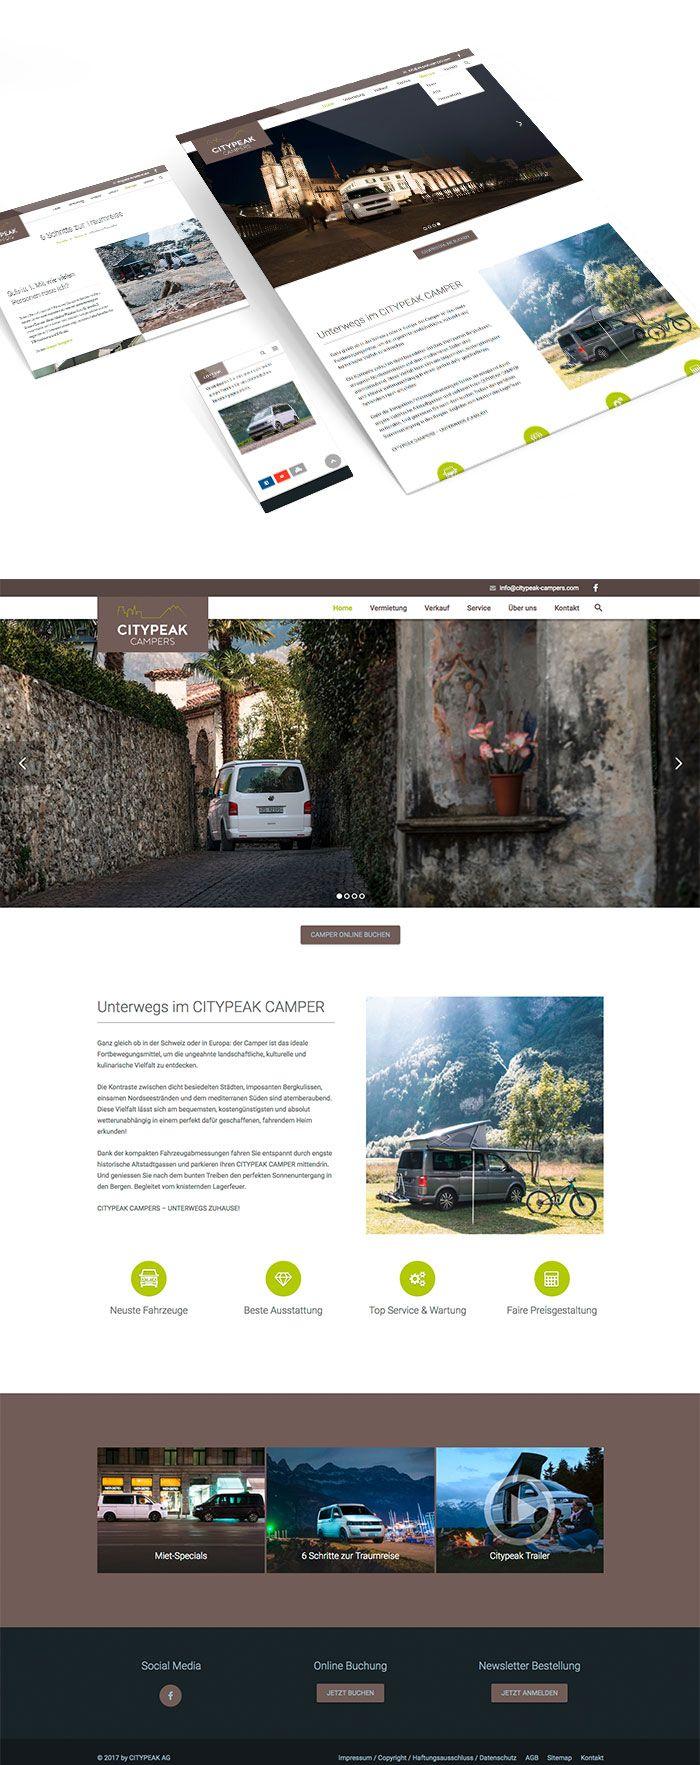 Kunde: CITYPEAK CAMPER | Branche: Tourismus | Werbemittel: Responsive-Website Design | Erscheinung: einmalig | Umfang: Design, Content und Umsetzung